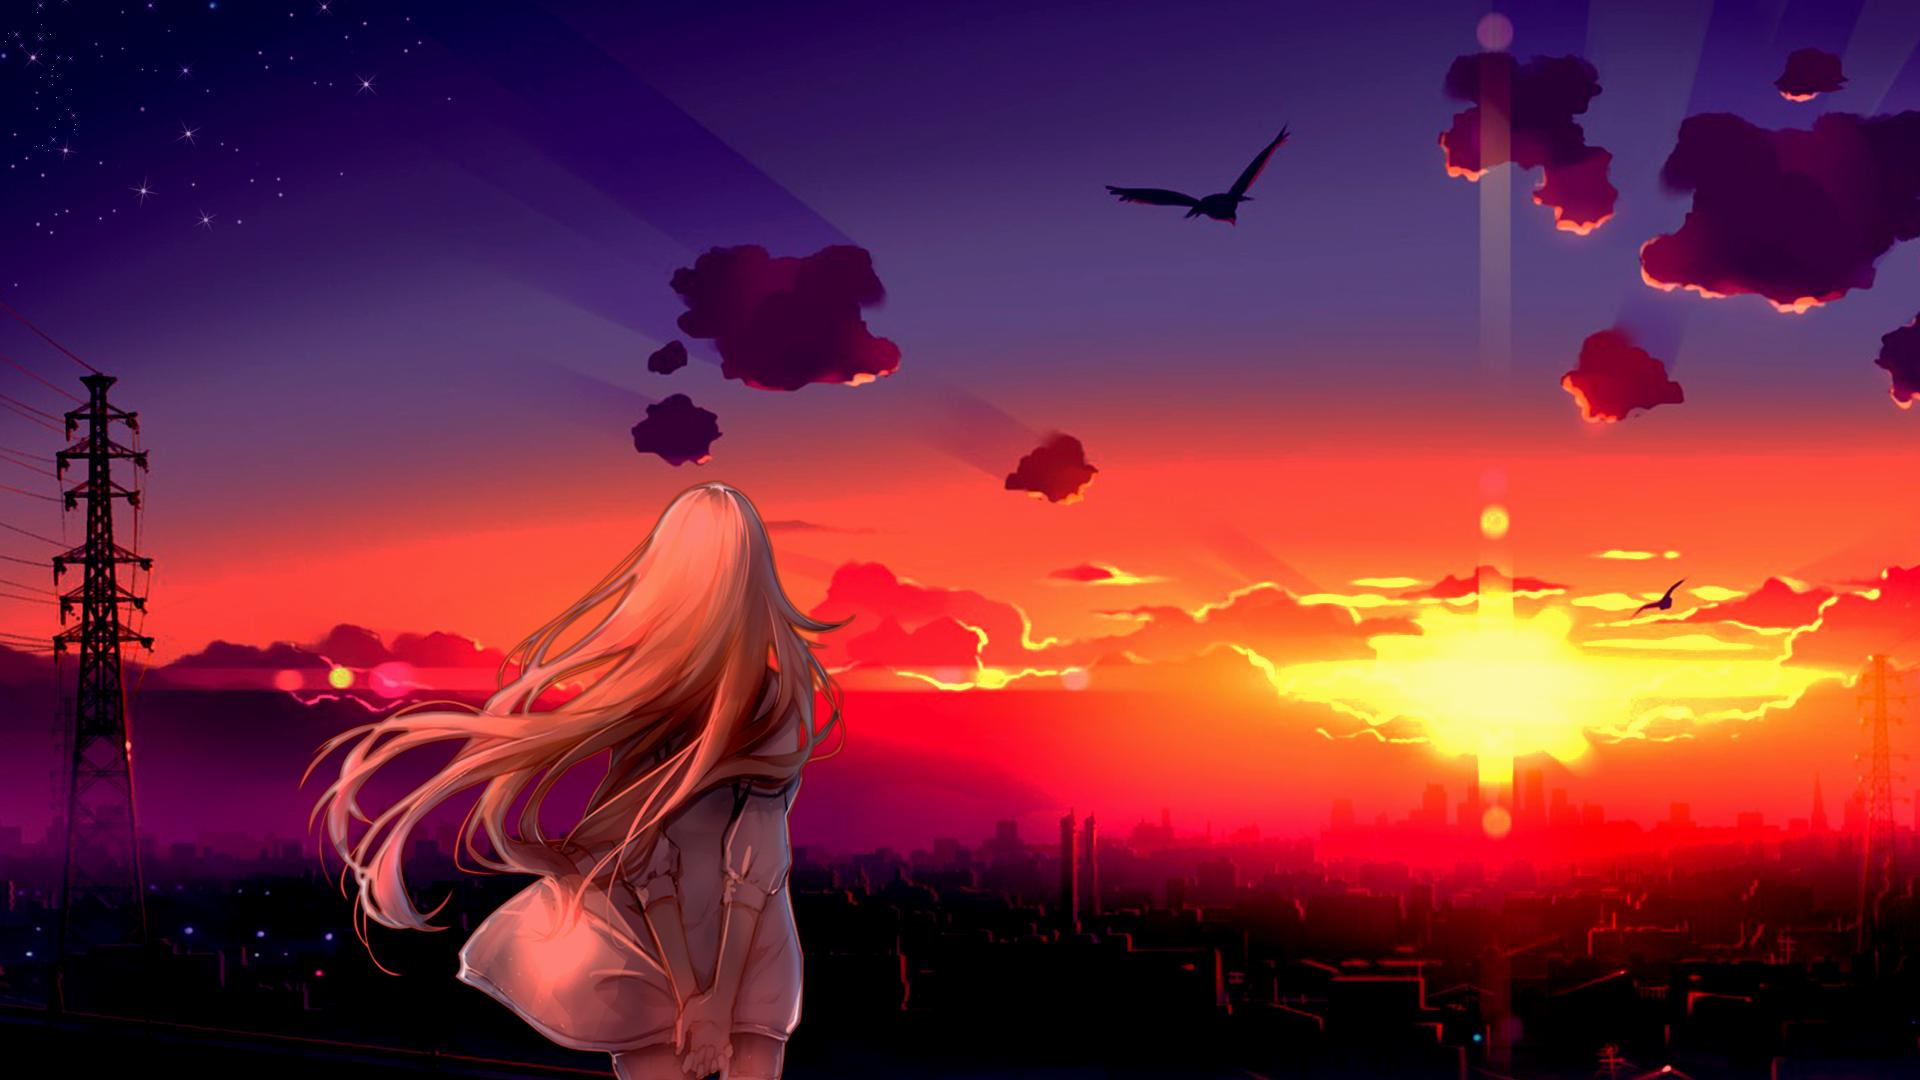 Anime Wallpaper Epic Sunset Scenery Wallpaper Anime Scenery Anime Scenery Wallpaper